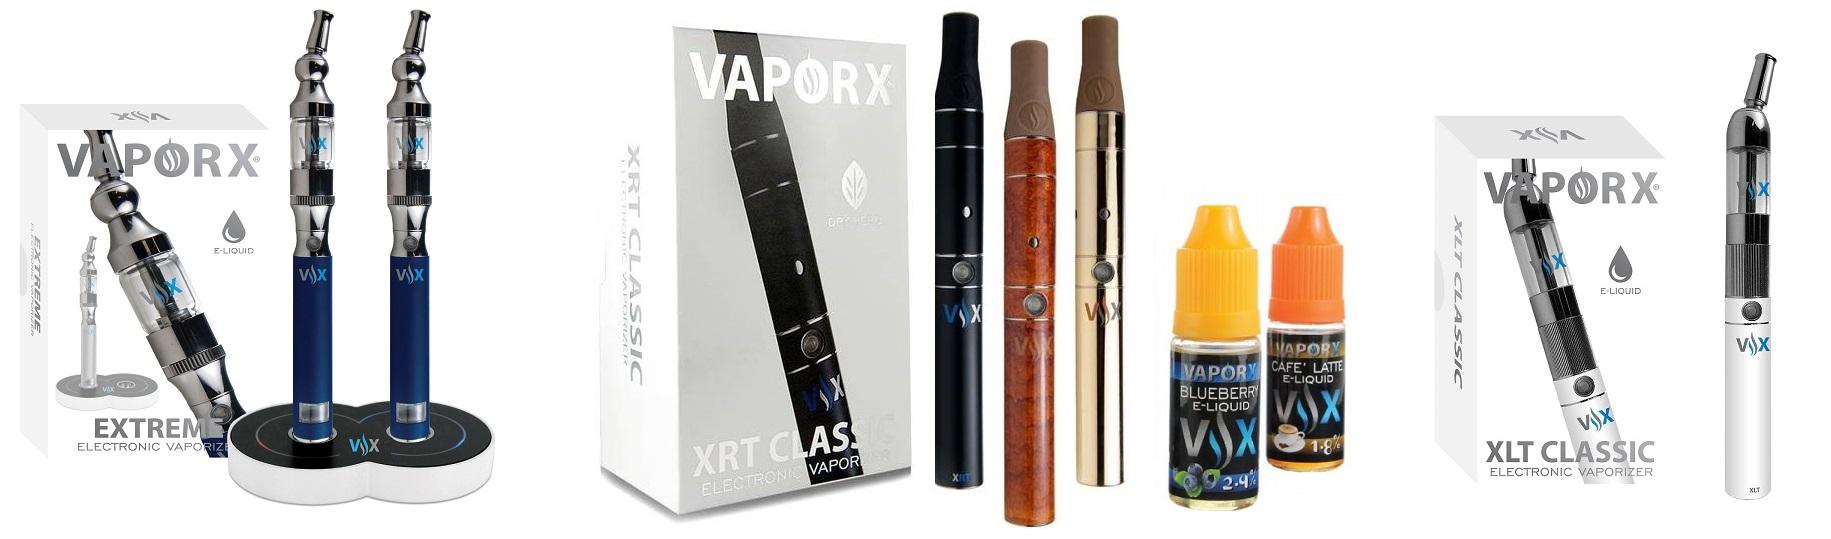 VaporX-e-cig-brand